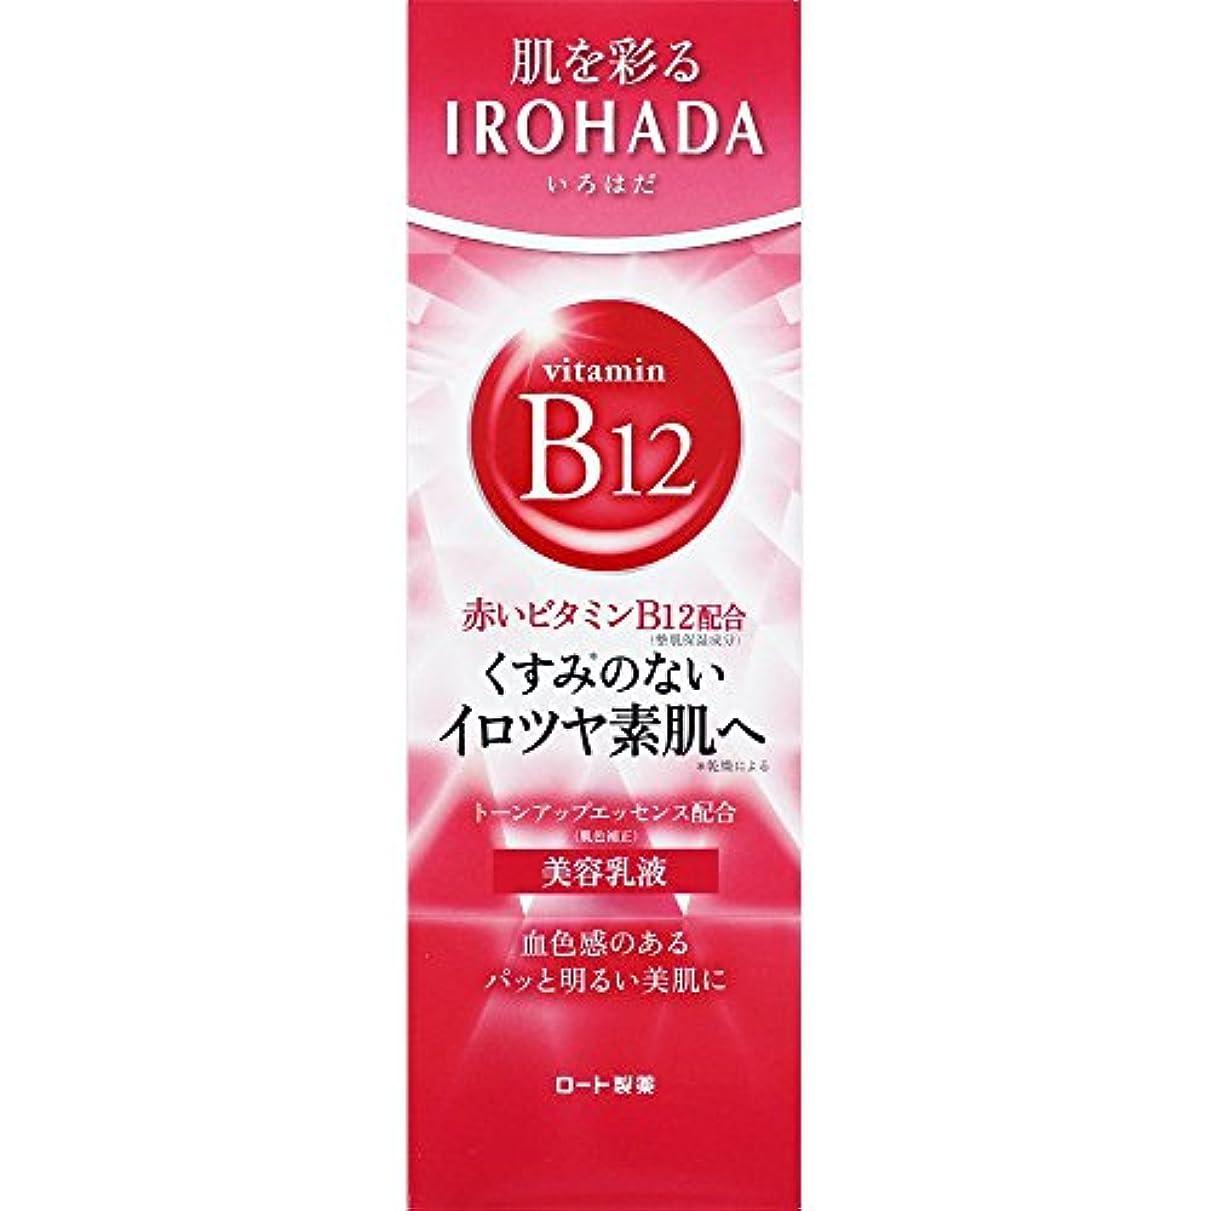 水没ベッドを作る石のロート製薬 いろはだ (IROHADA) 赤いビタミンB12×スクワラン配合 美容乳液 110g